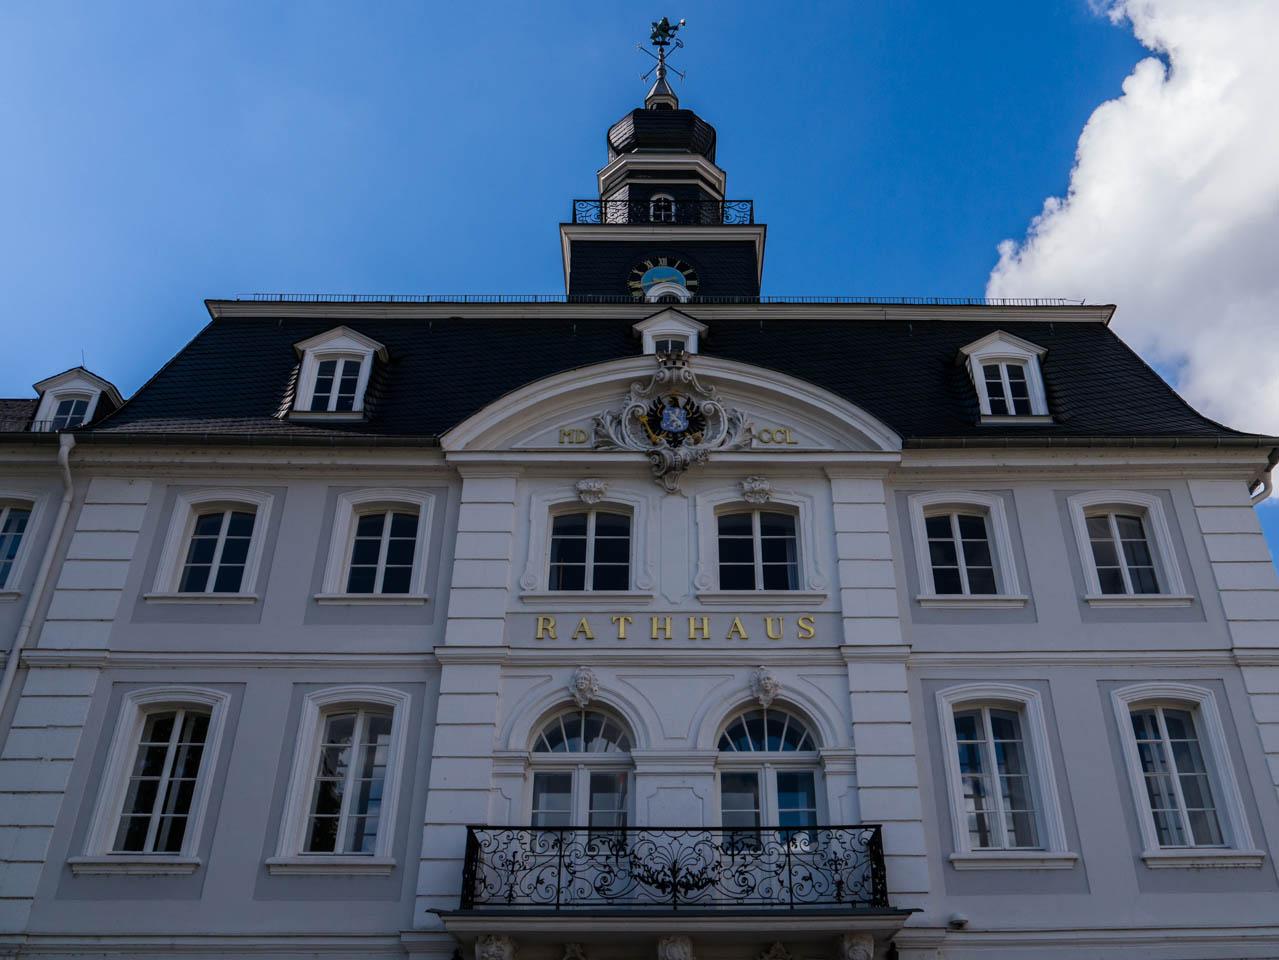 Rathaus Saarbrücken nah (1 von 1)